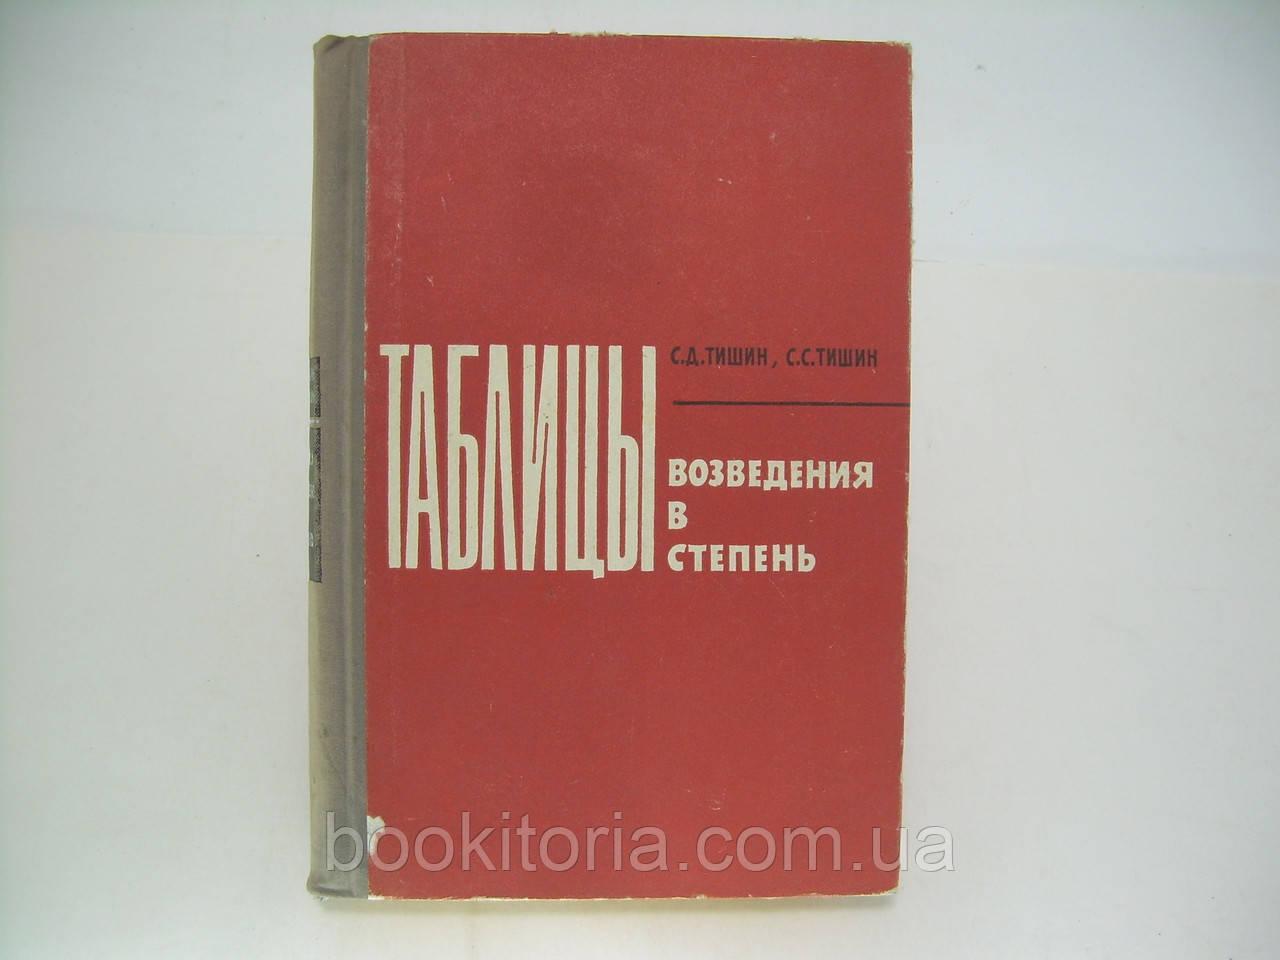 Тишин С.Д. Тишин С.С. Таблицы возведения в степень при основаниях от 0,00001 до 1000 (б/у).